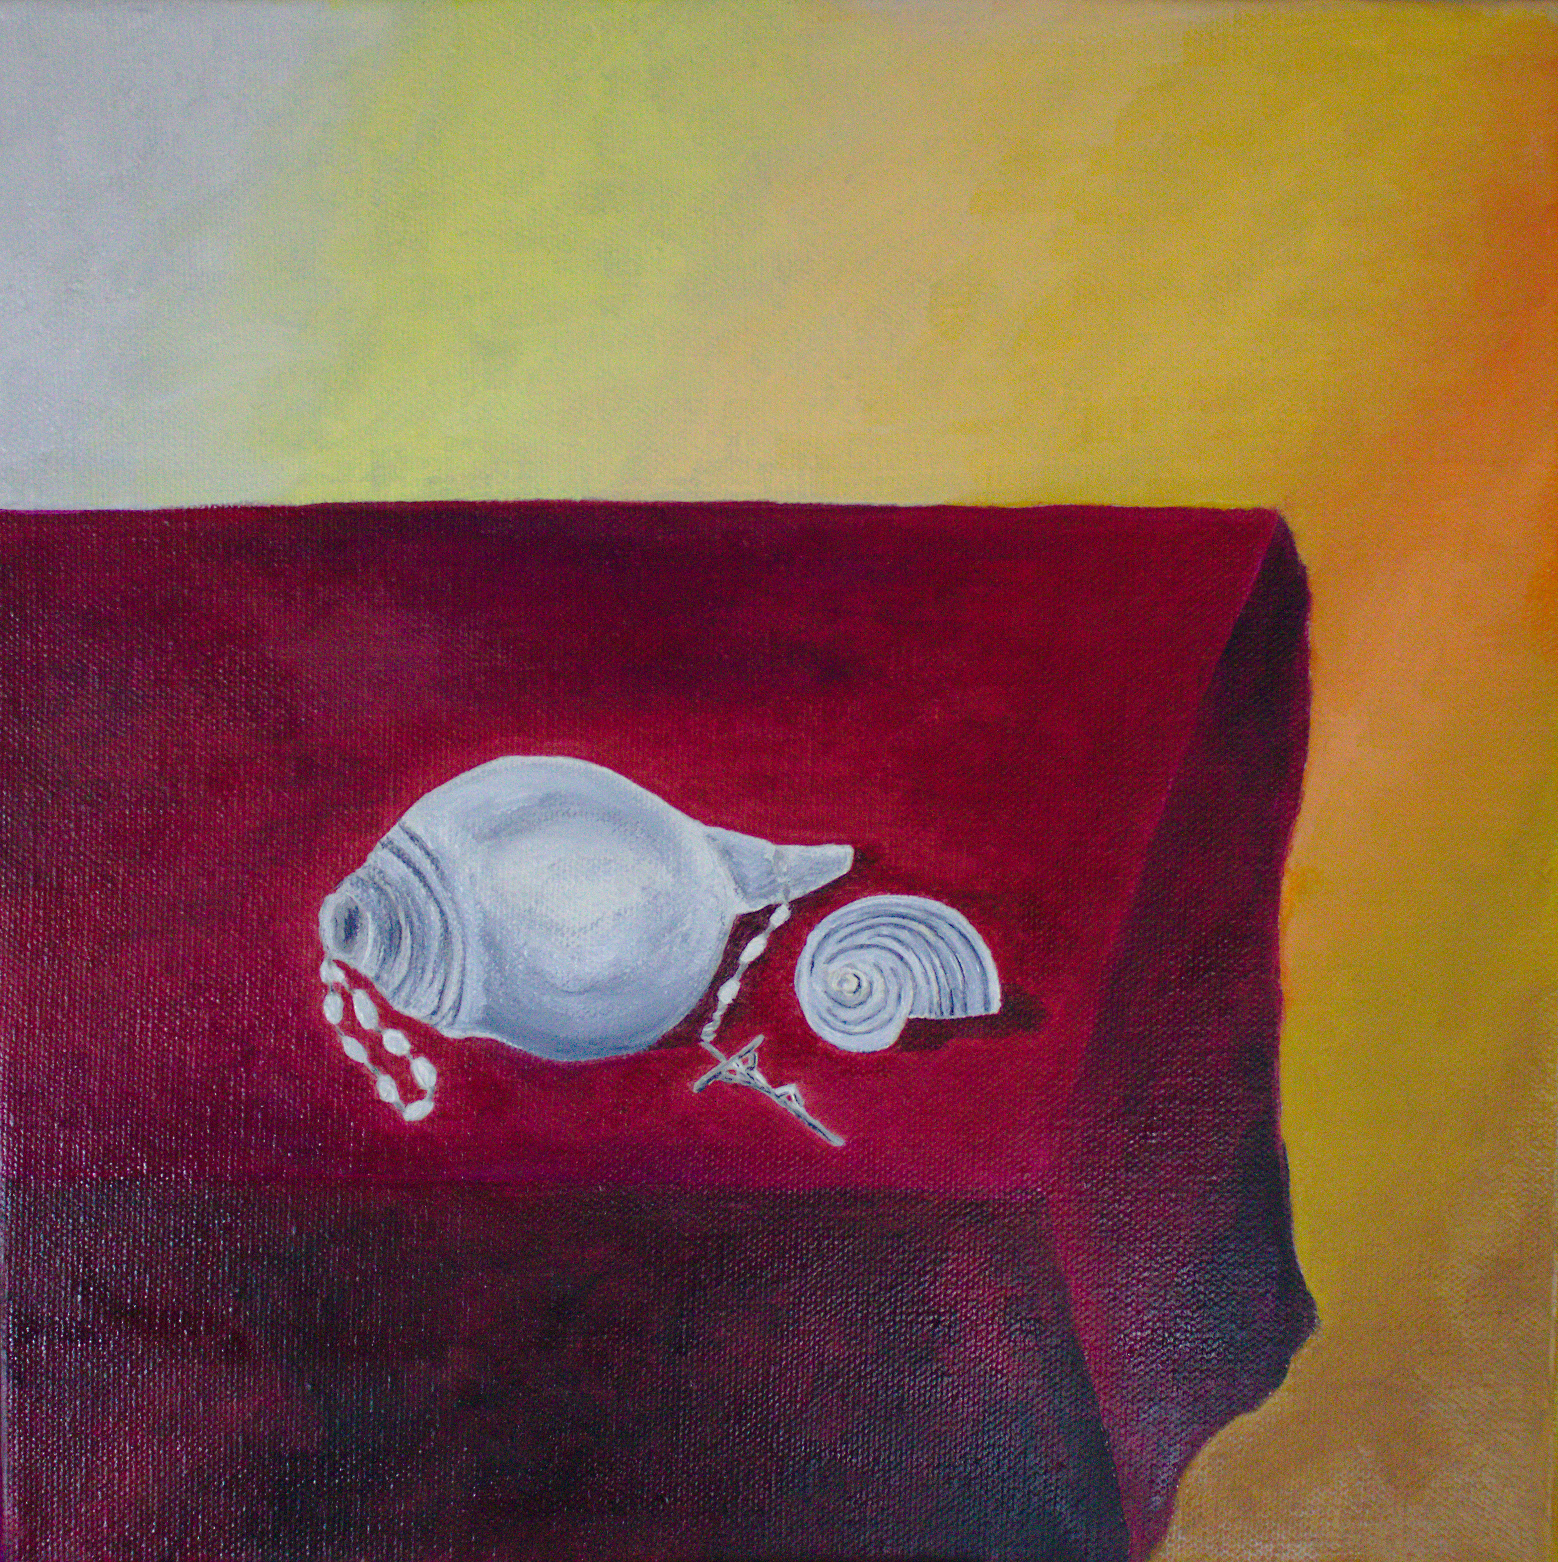 Stilleben mit Rosenkranz, Öl auf Leinwand 30 x 30 cm